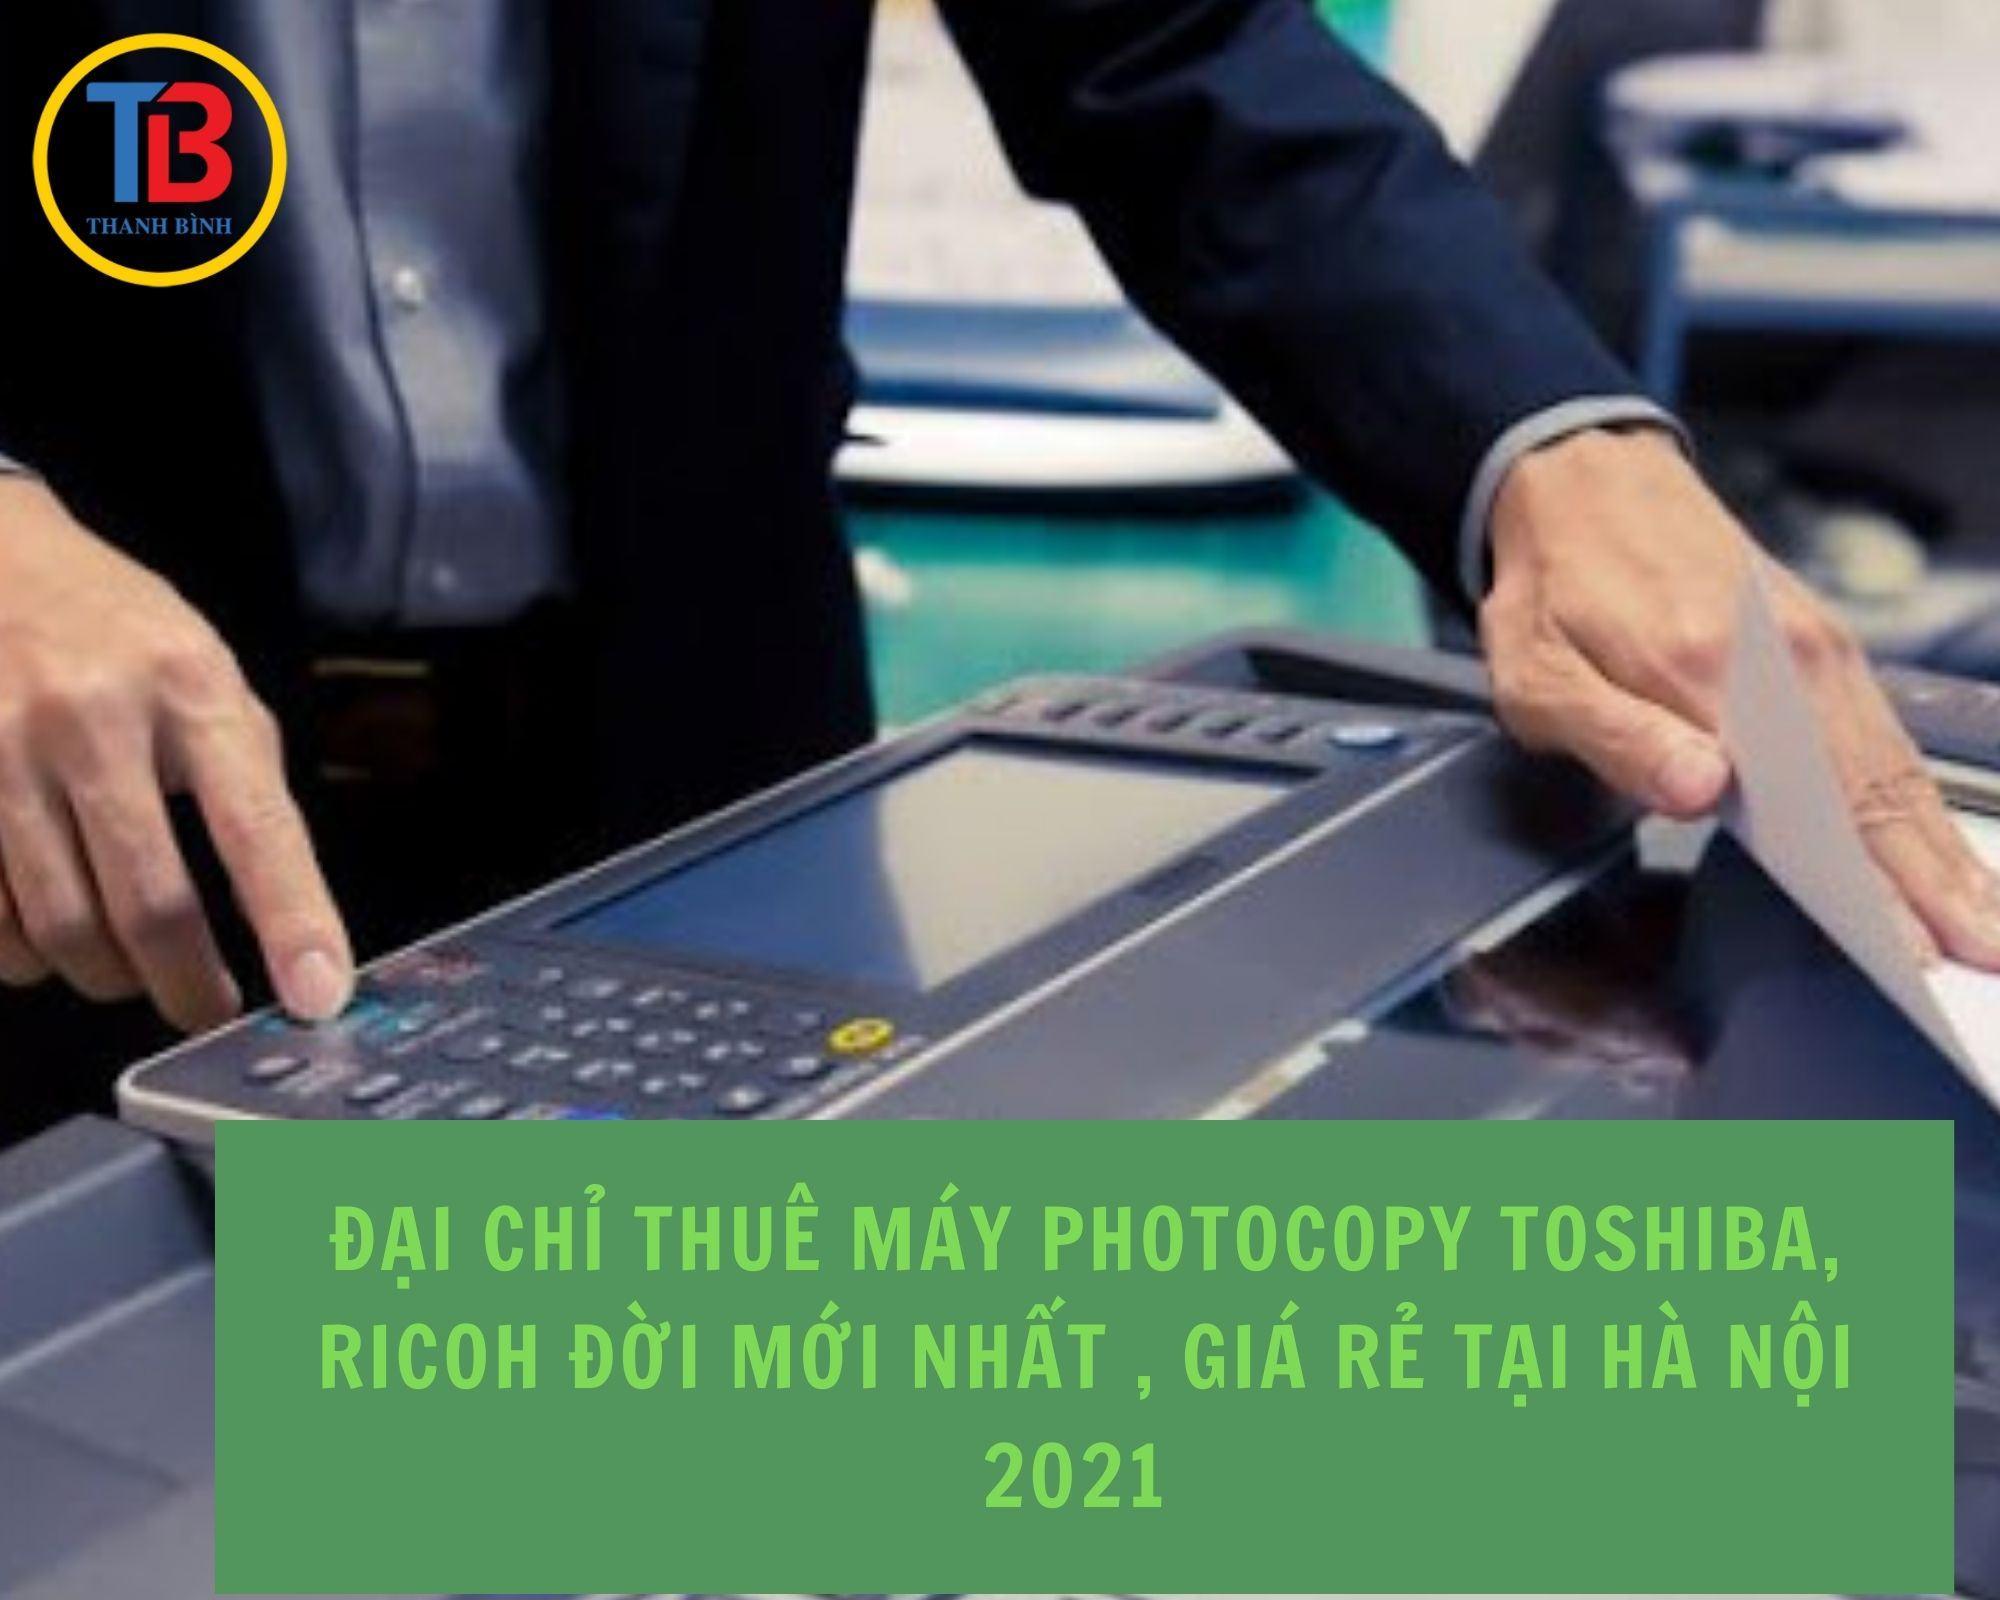 Địa chỉ Thuê máy Photocopy đời mới nhất Toshiba, Ricoh , giá rẻ tại Hà Nội 2021